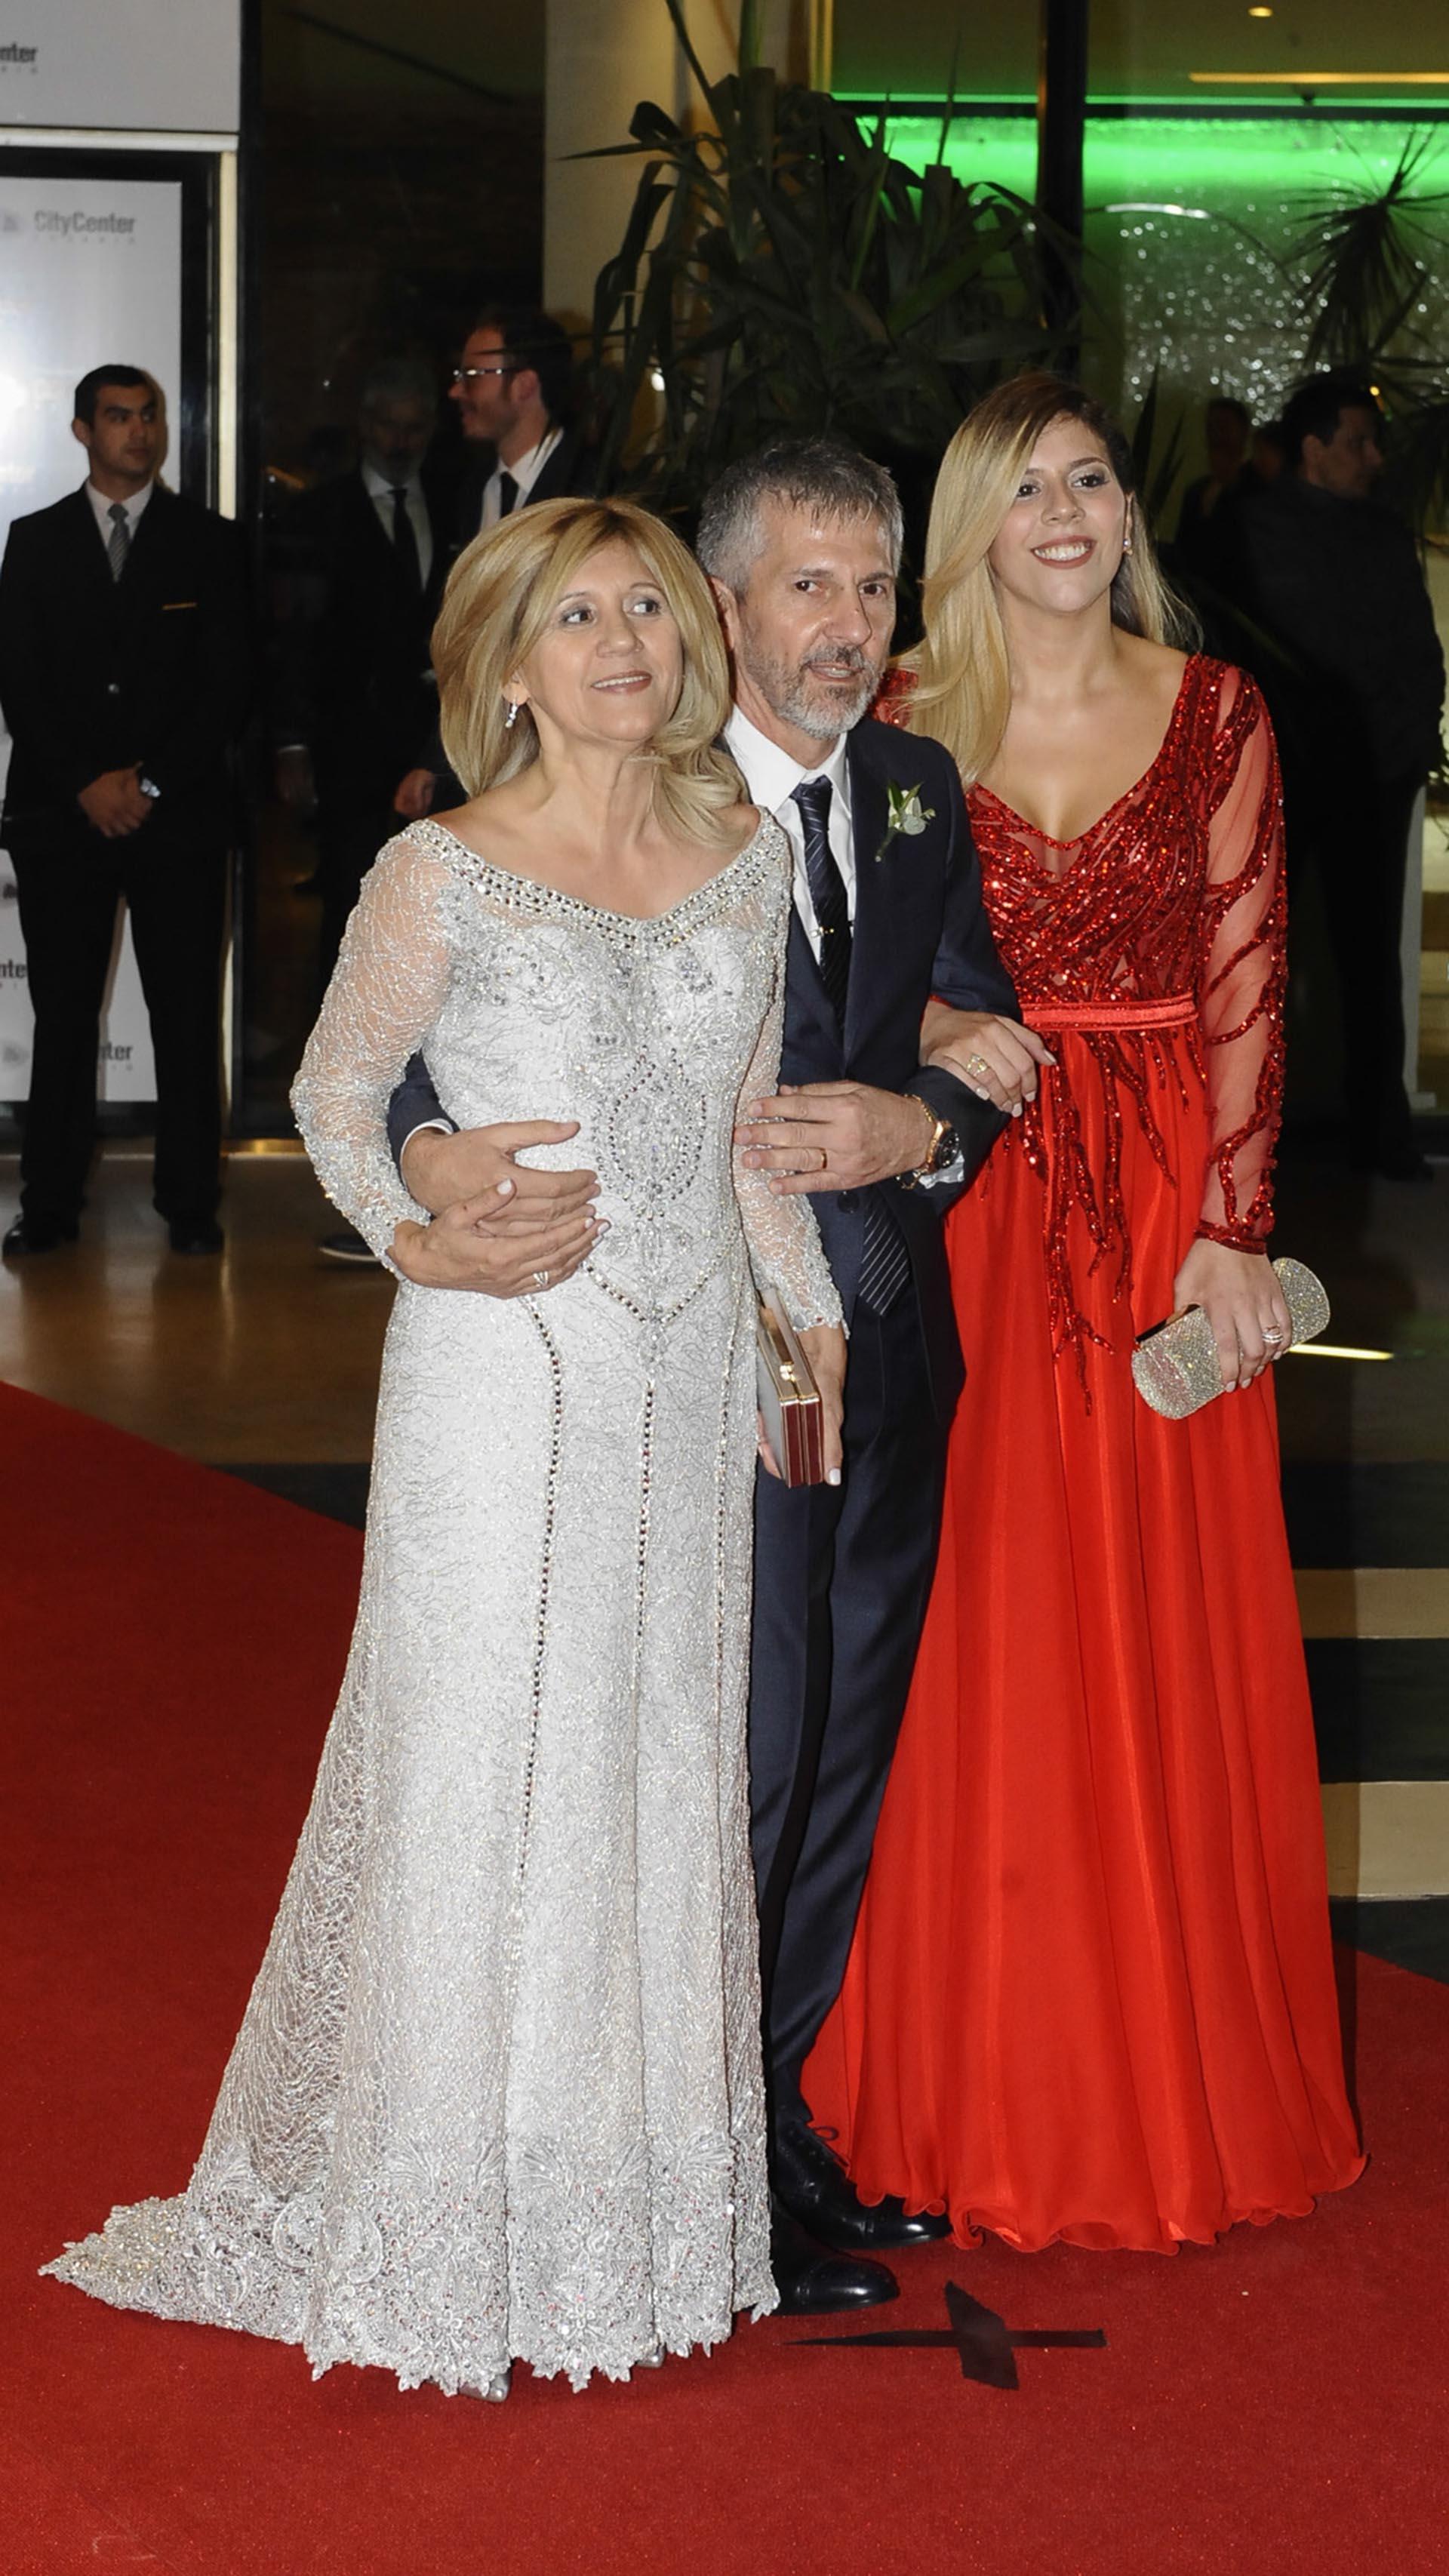 Los padres y la hermana menor de Lionel Messi: Celia María Cuccittini, Jorge Messi y María Sol Messi